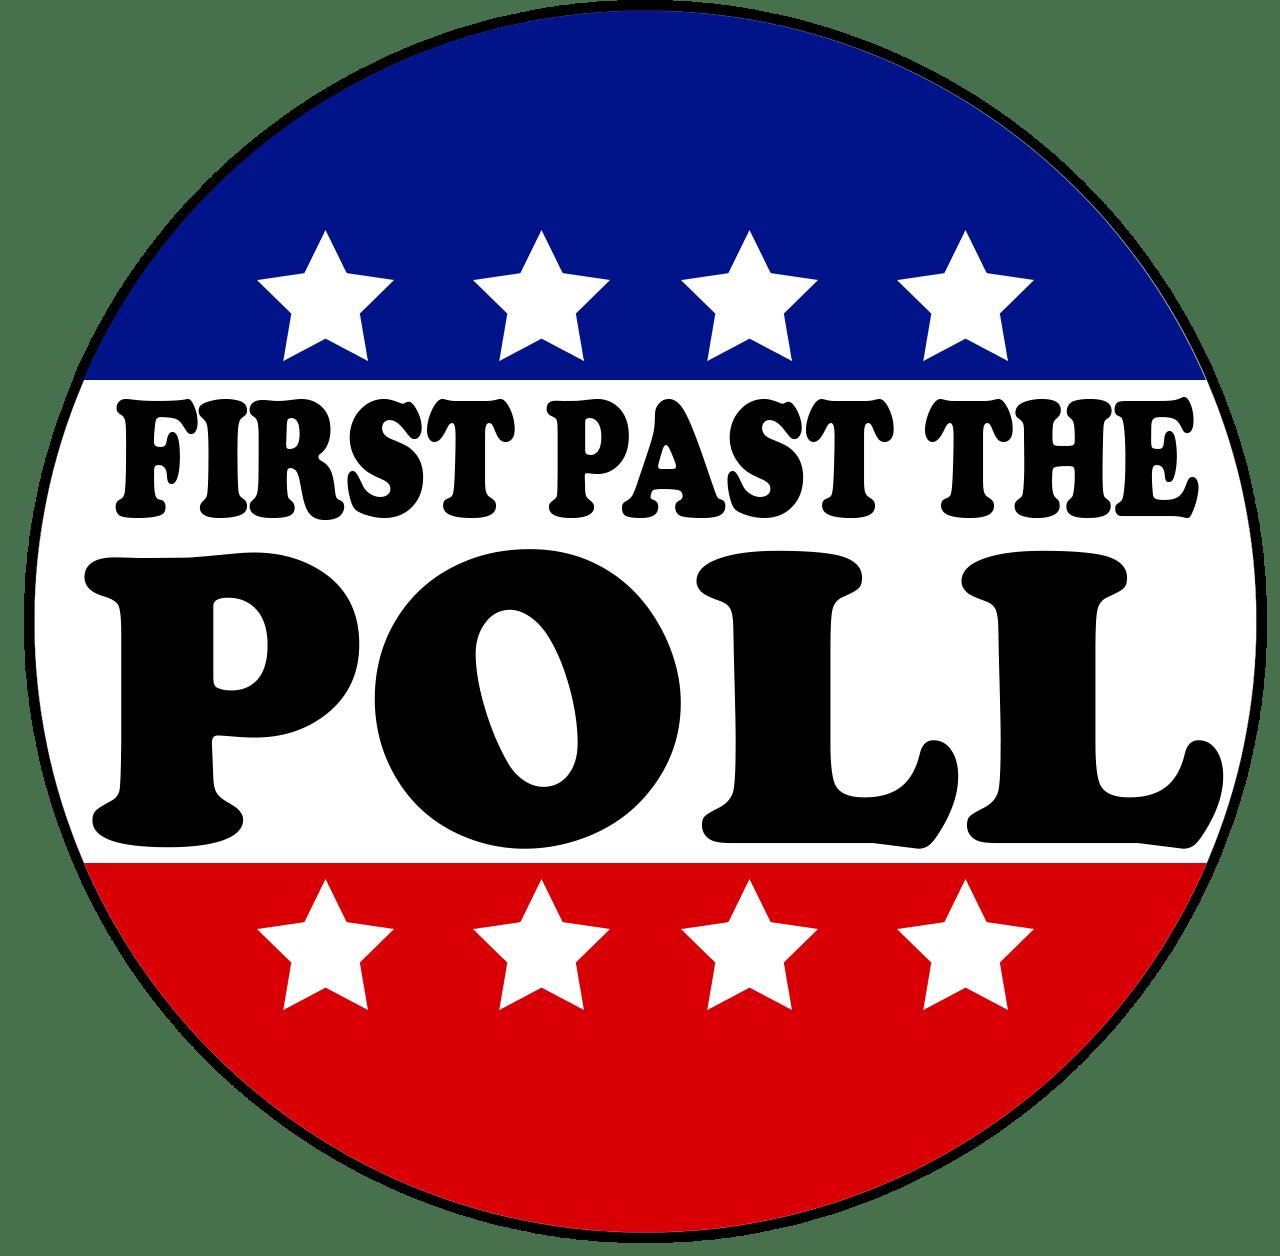 Source: firstpassthe poll.com